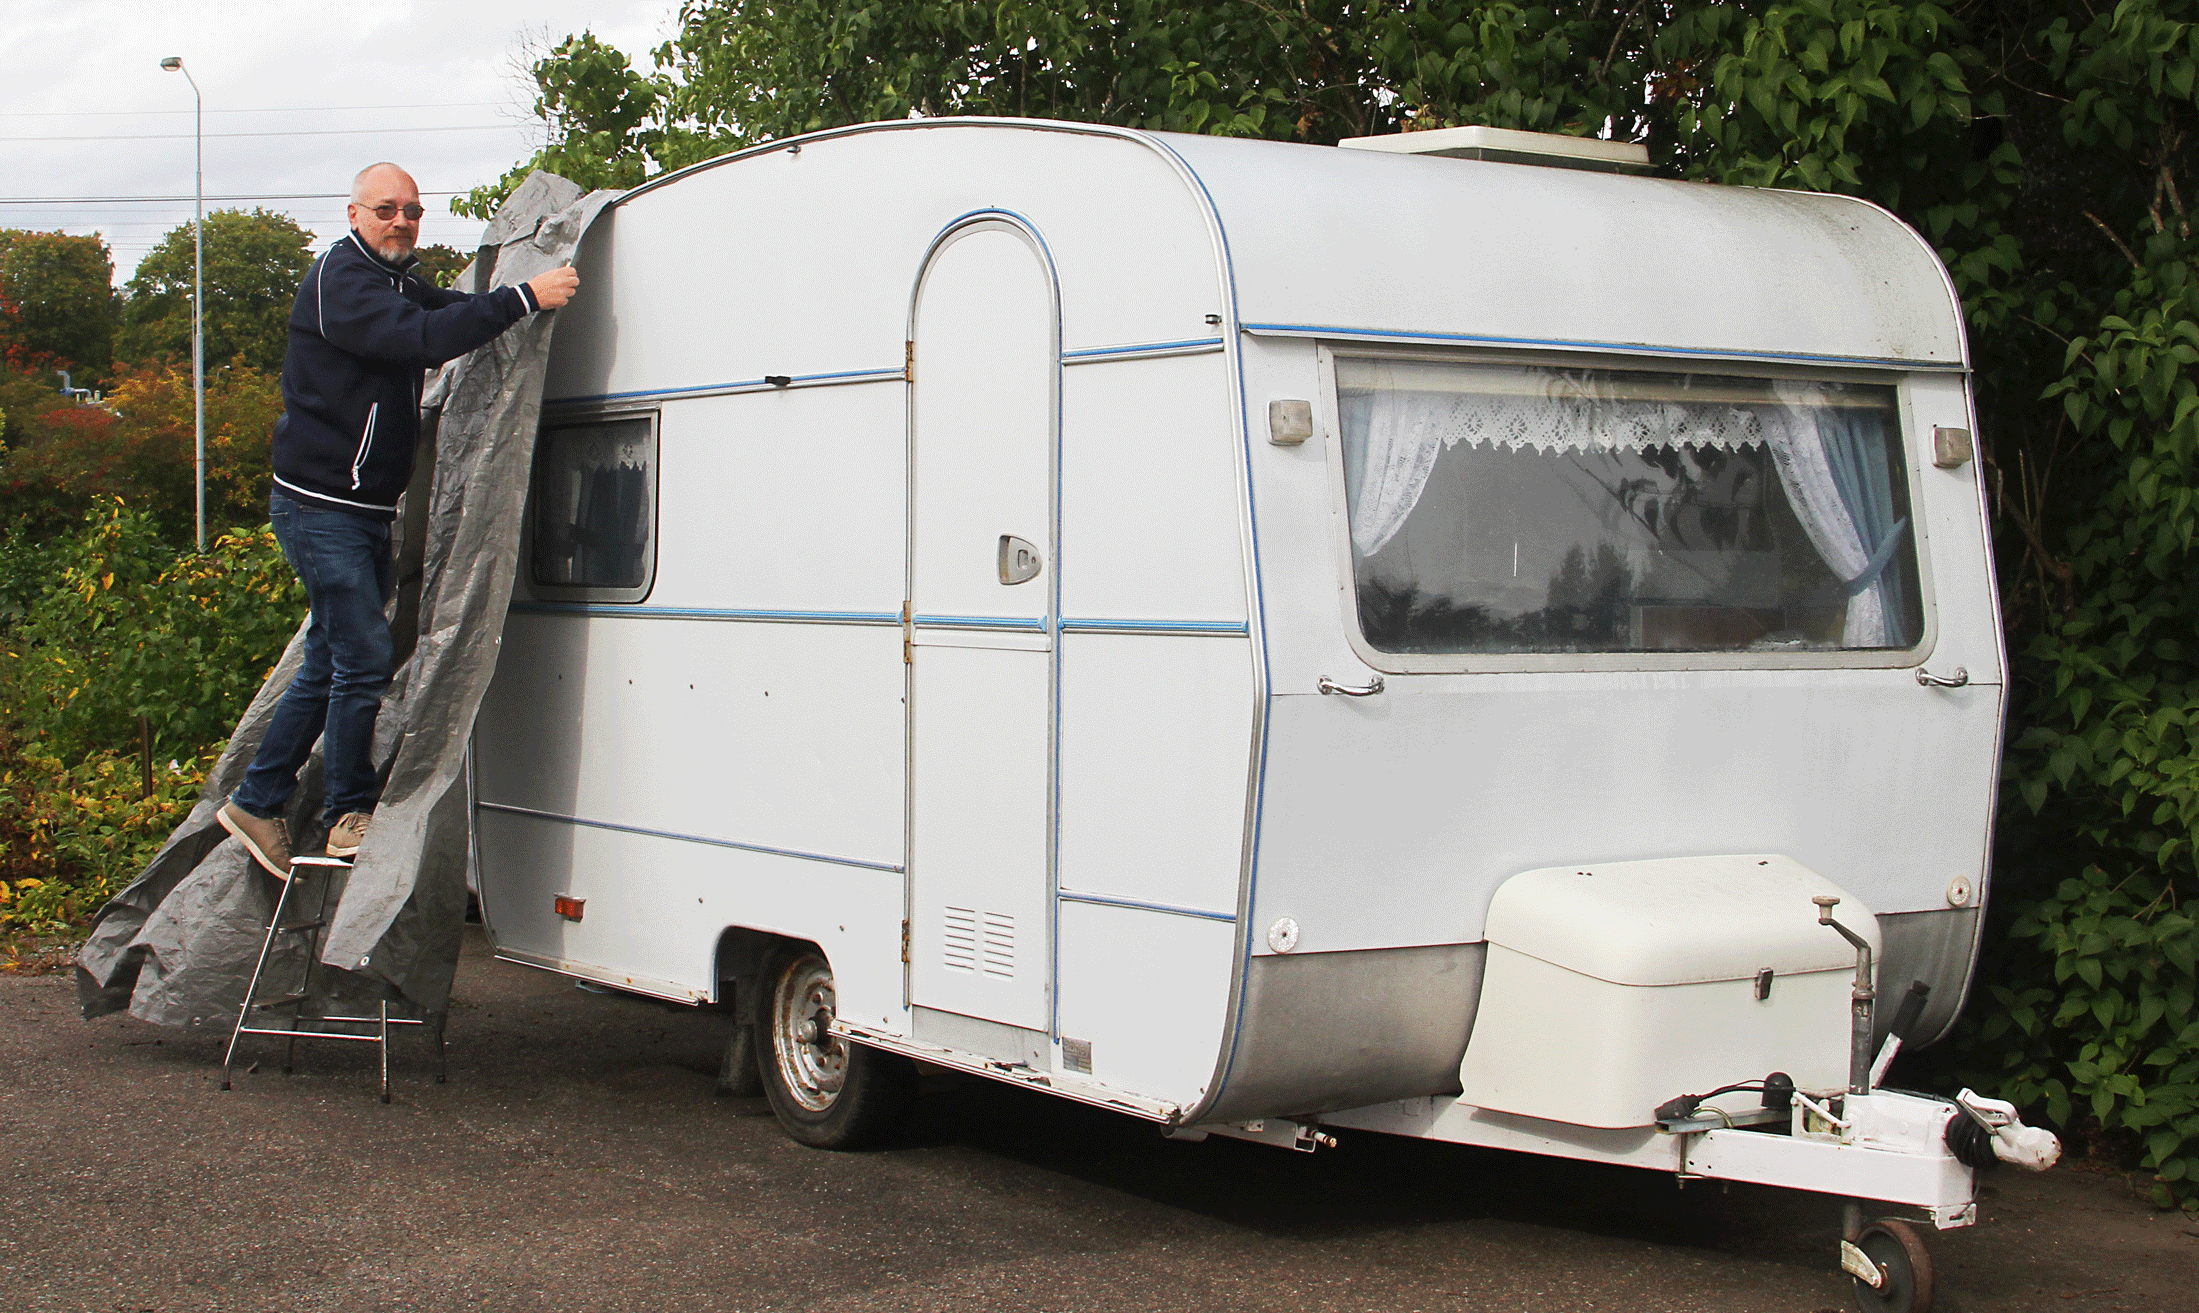 bra vinter husvagn